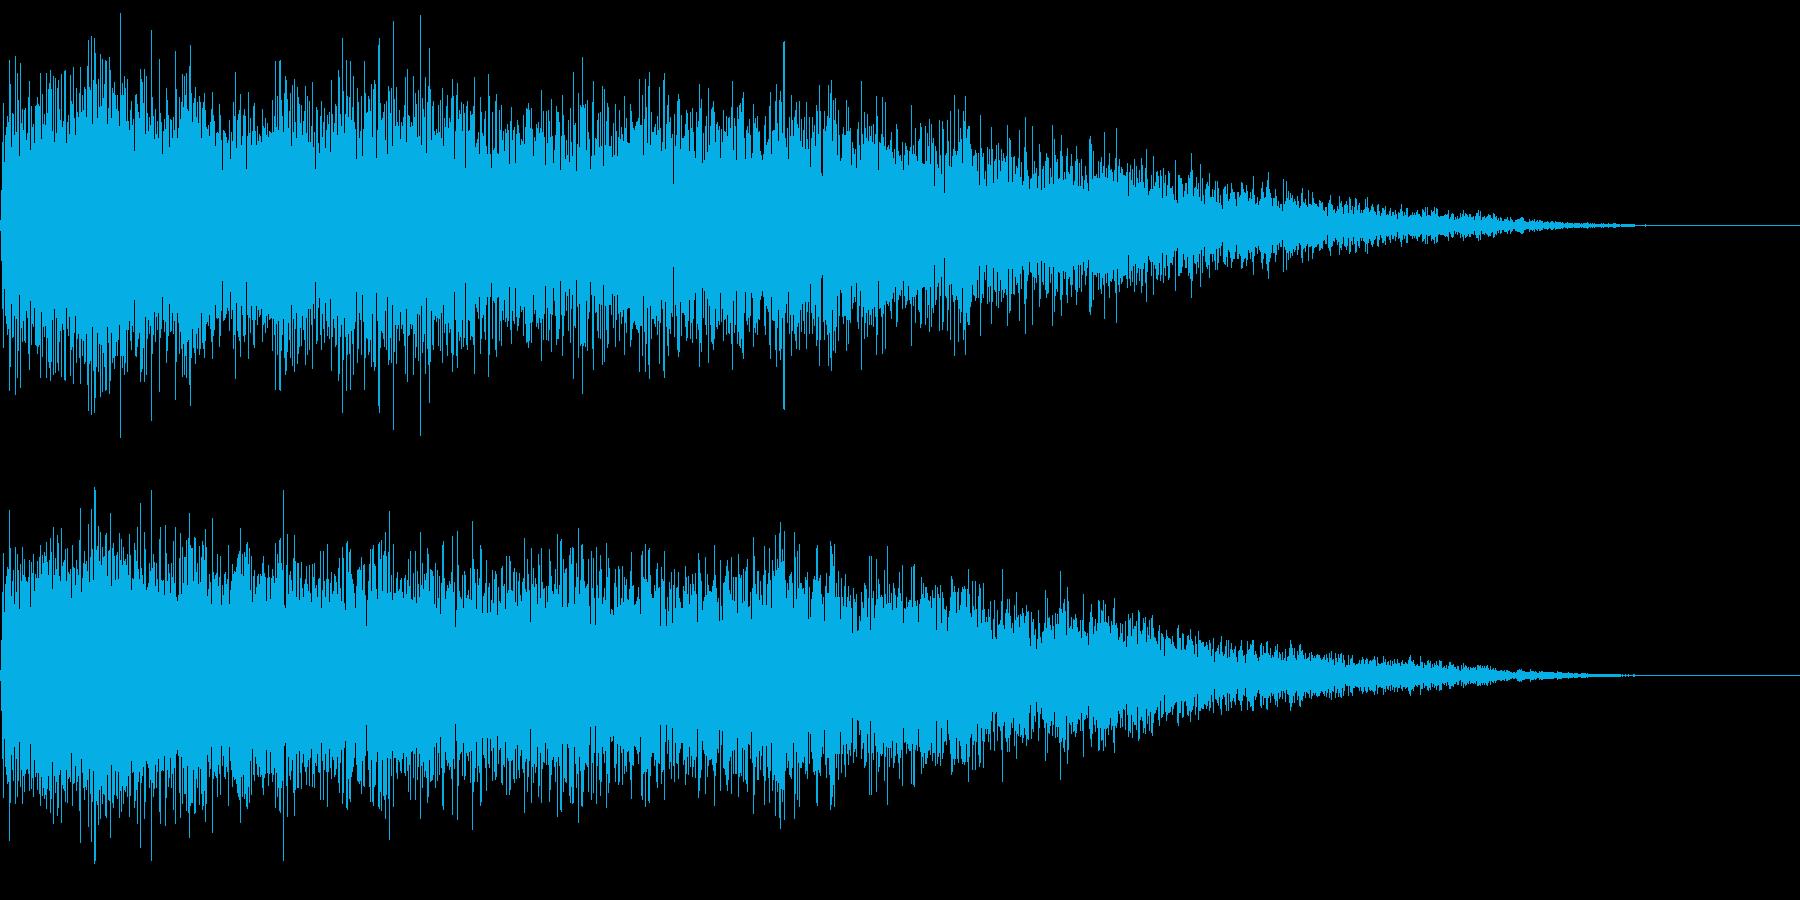 【ビシュイーン】魔法系効果音の再生済みの波形